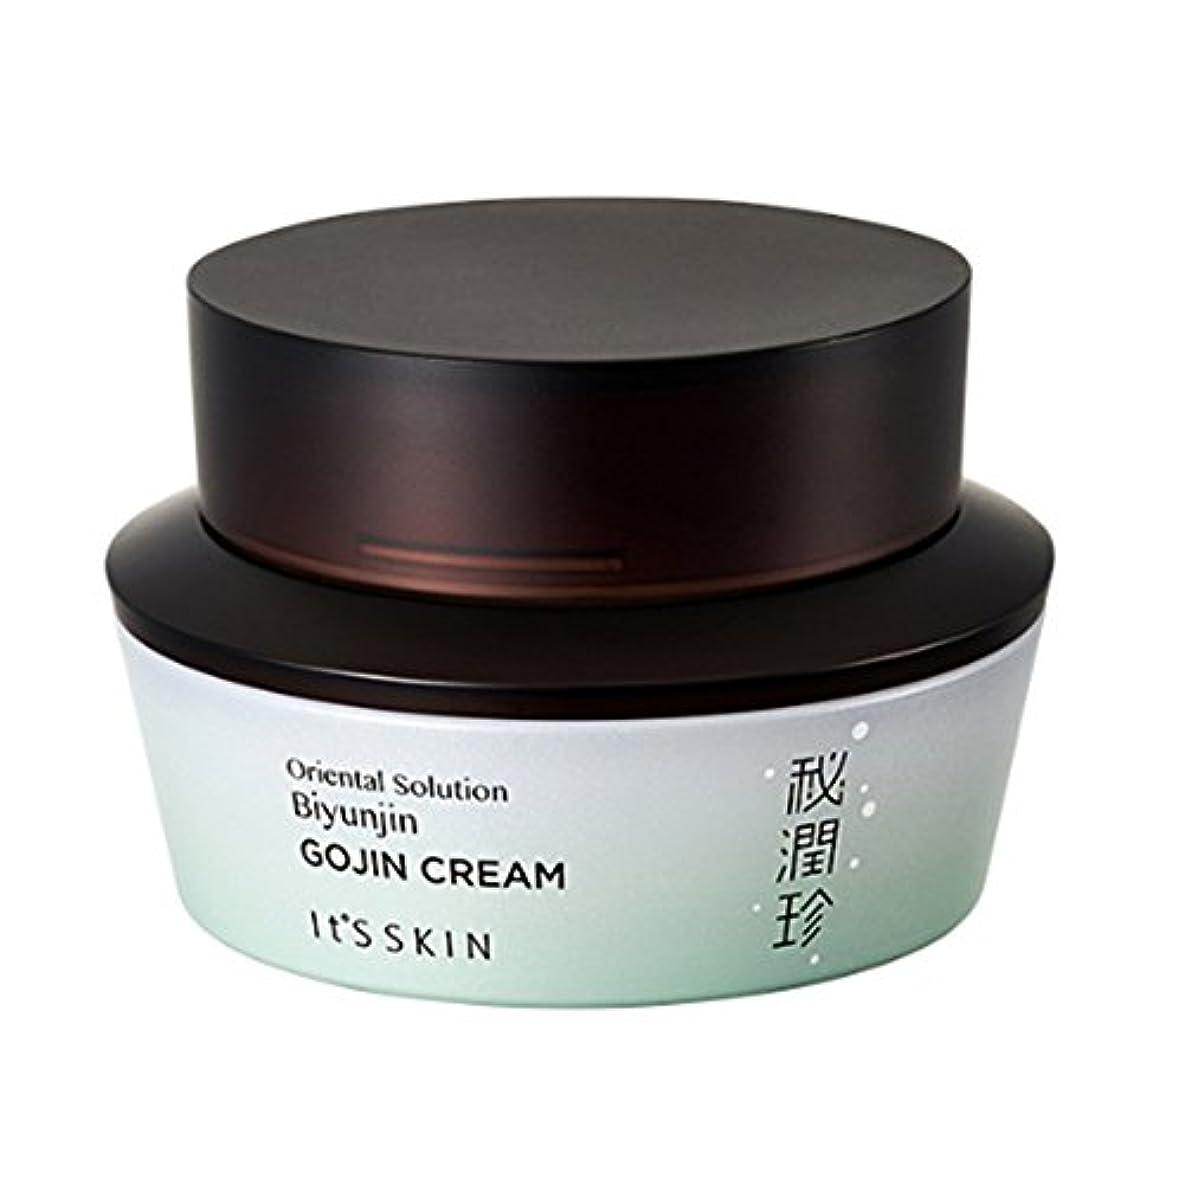 建てるアジャ証書【イッツスキン】 IT'S SKIN Bi Yun Jin Gojin Cream 【韓国直送品】 OOPSPANDA